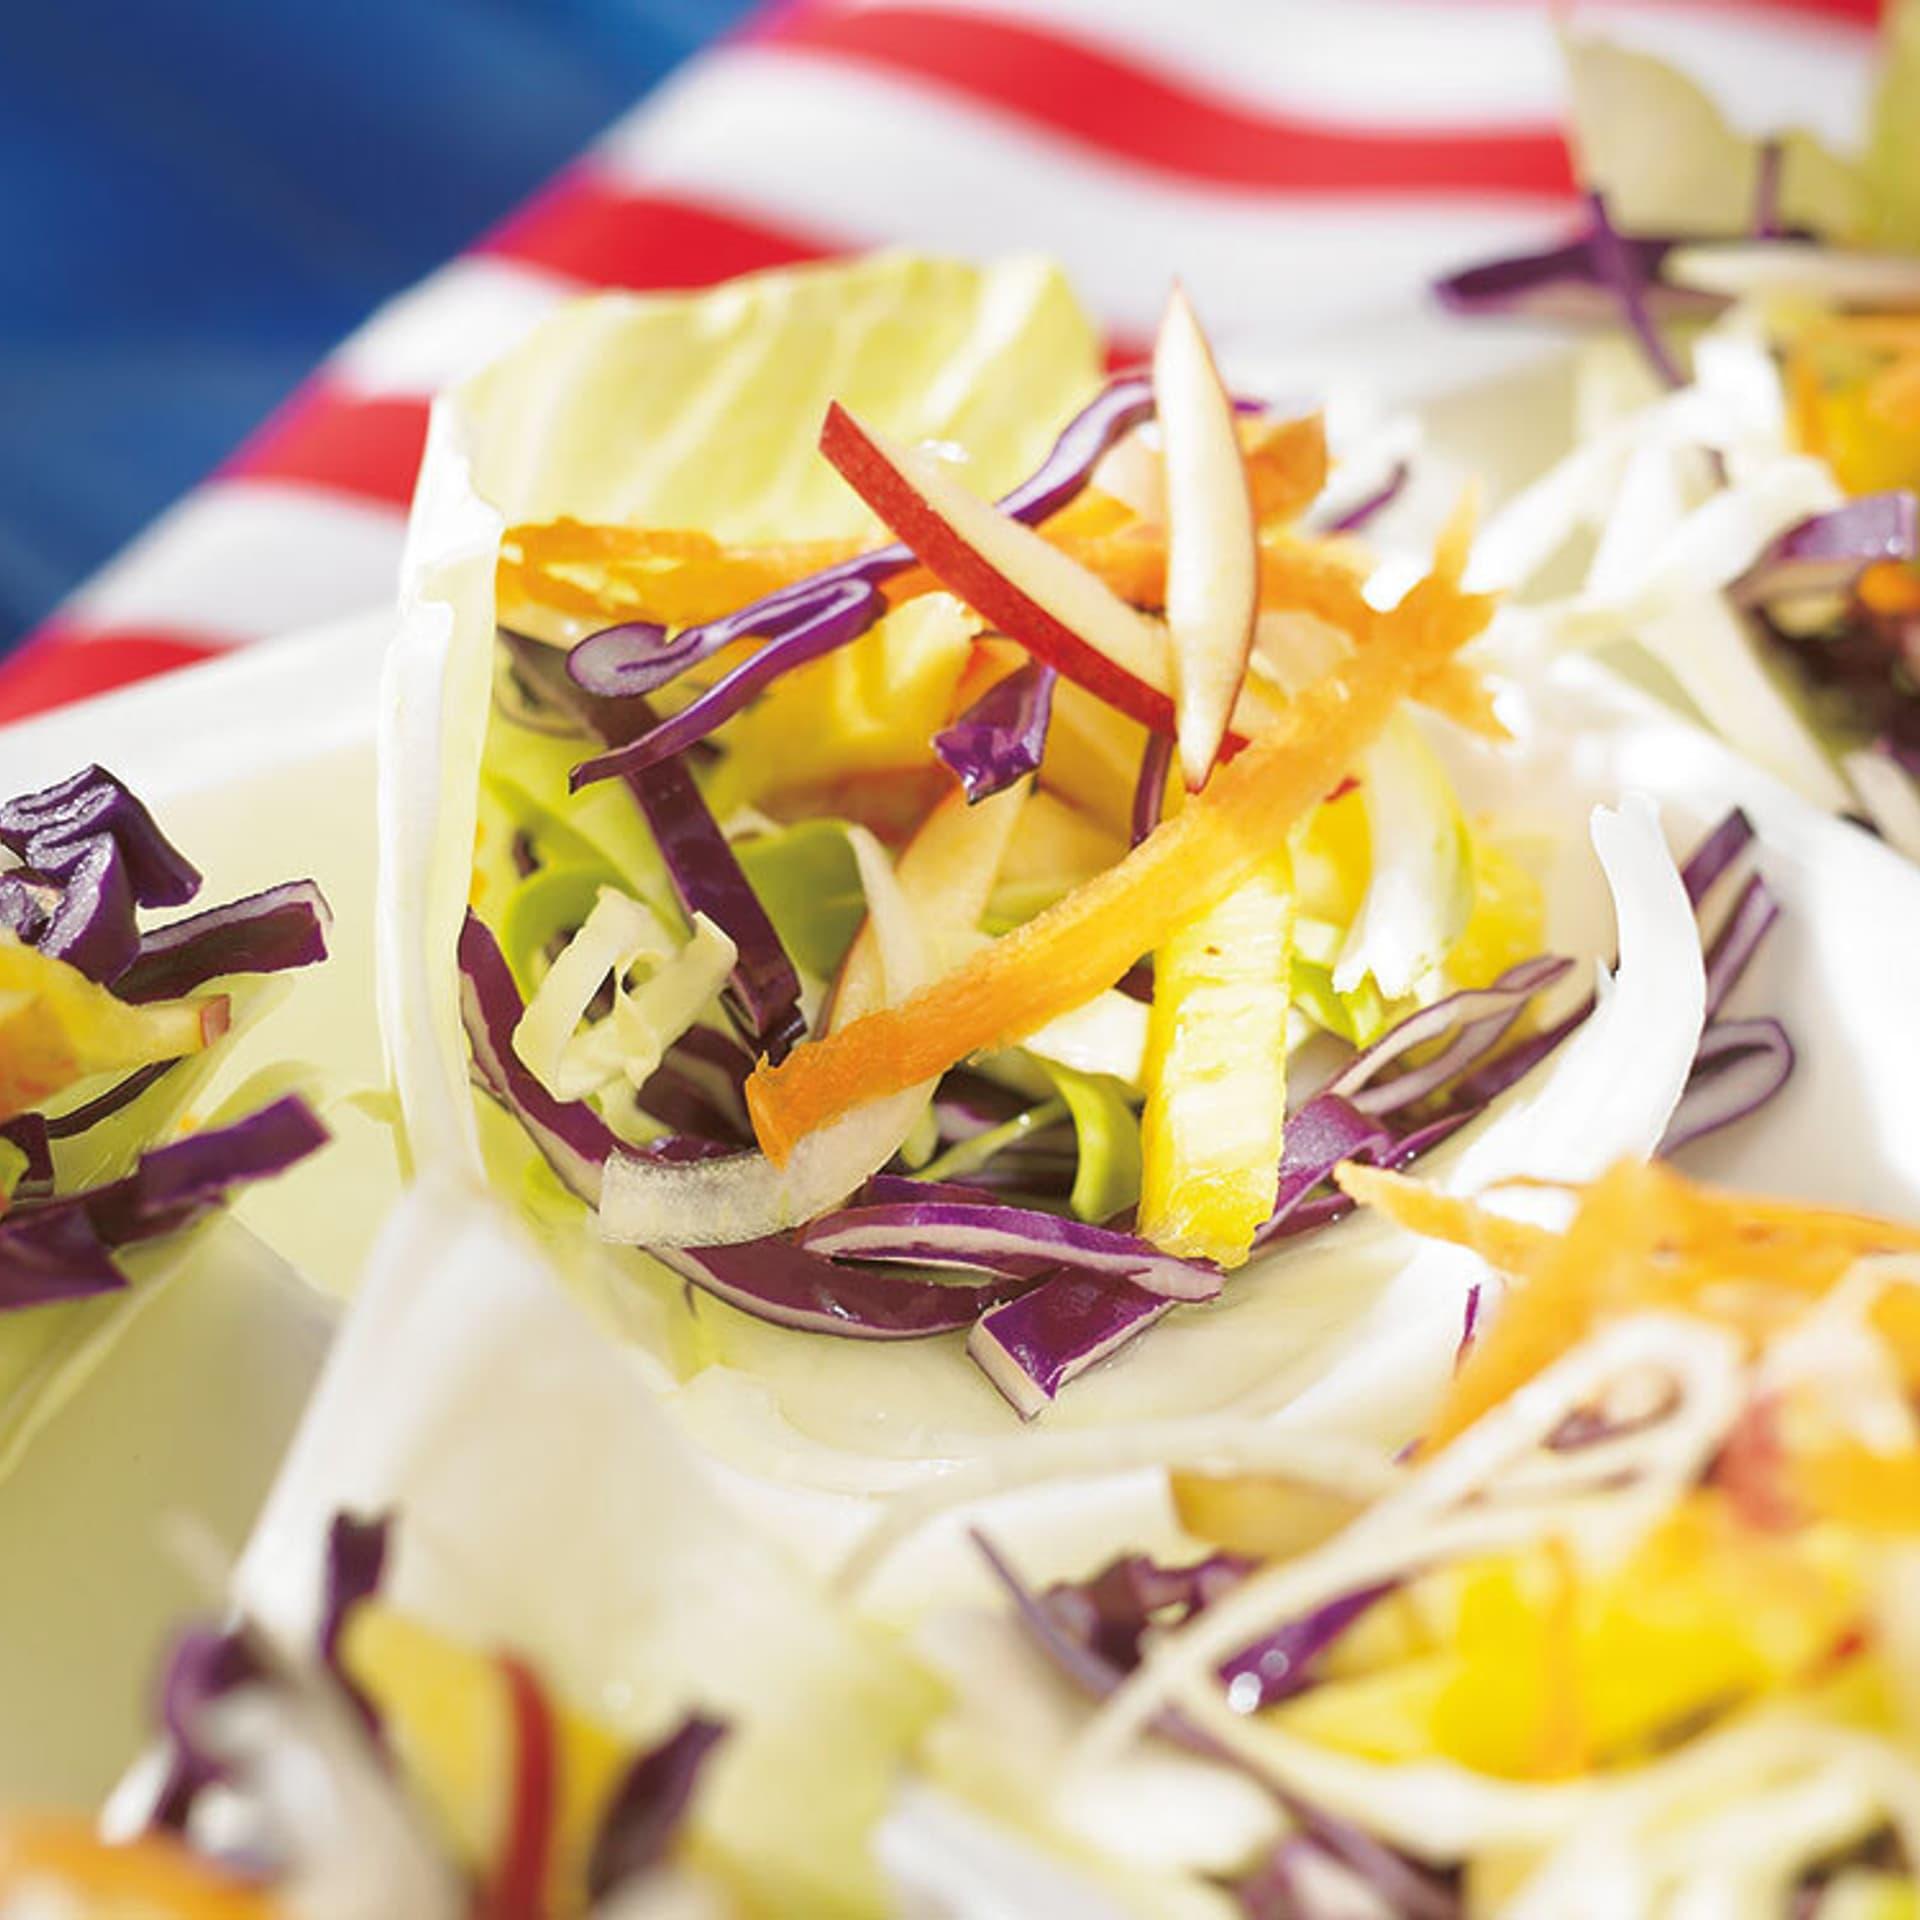 Krautsalat in Krautblättern serviert